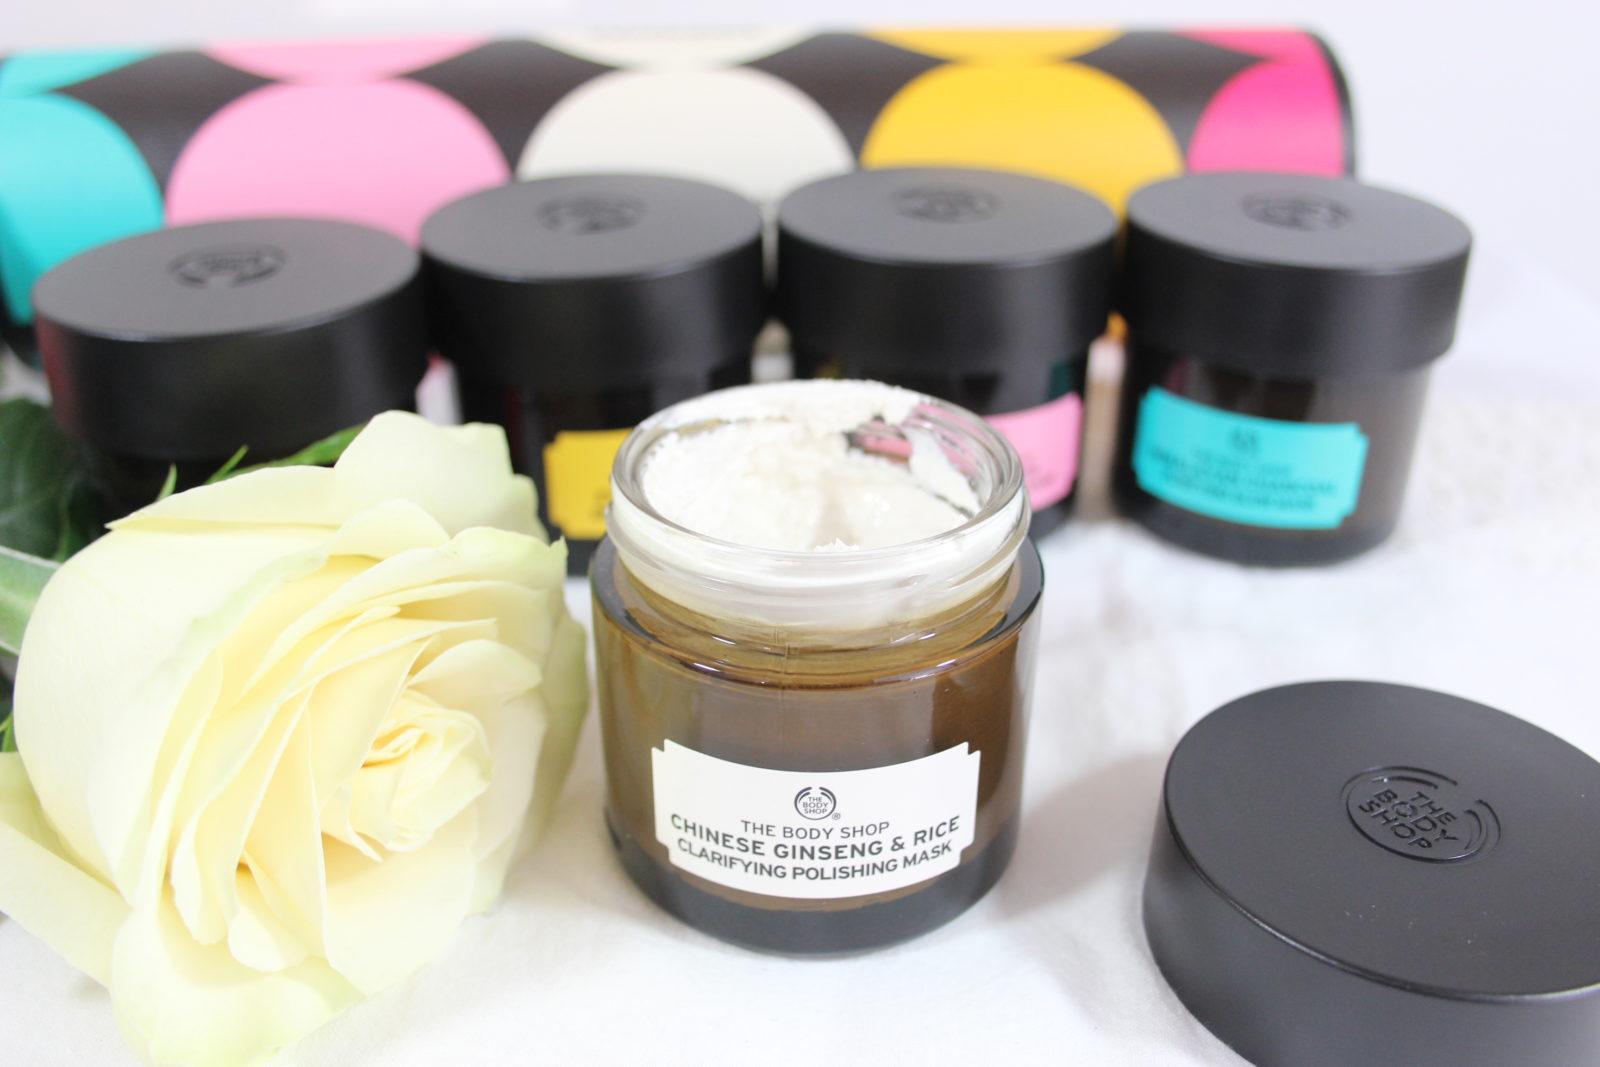 The Body Shop Chinese Ginseng Rice Clarifying Polishing Mask